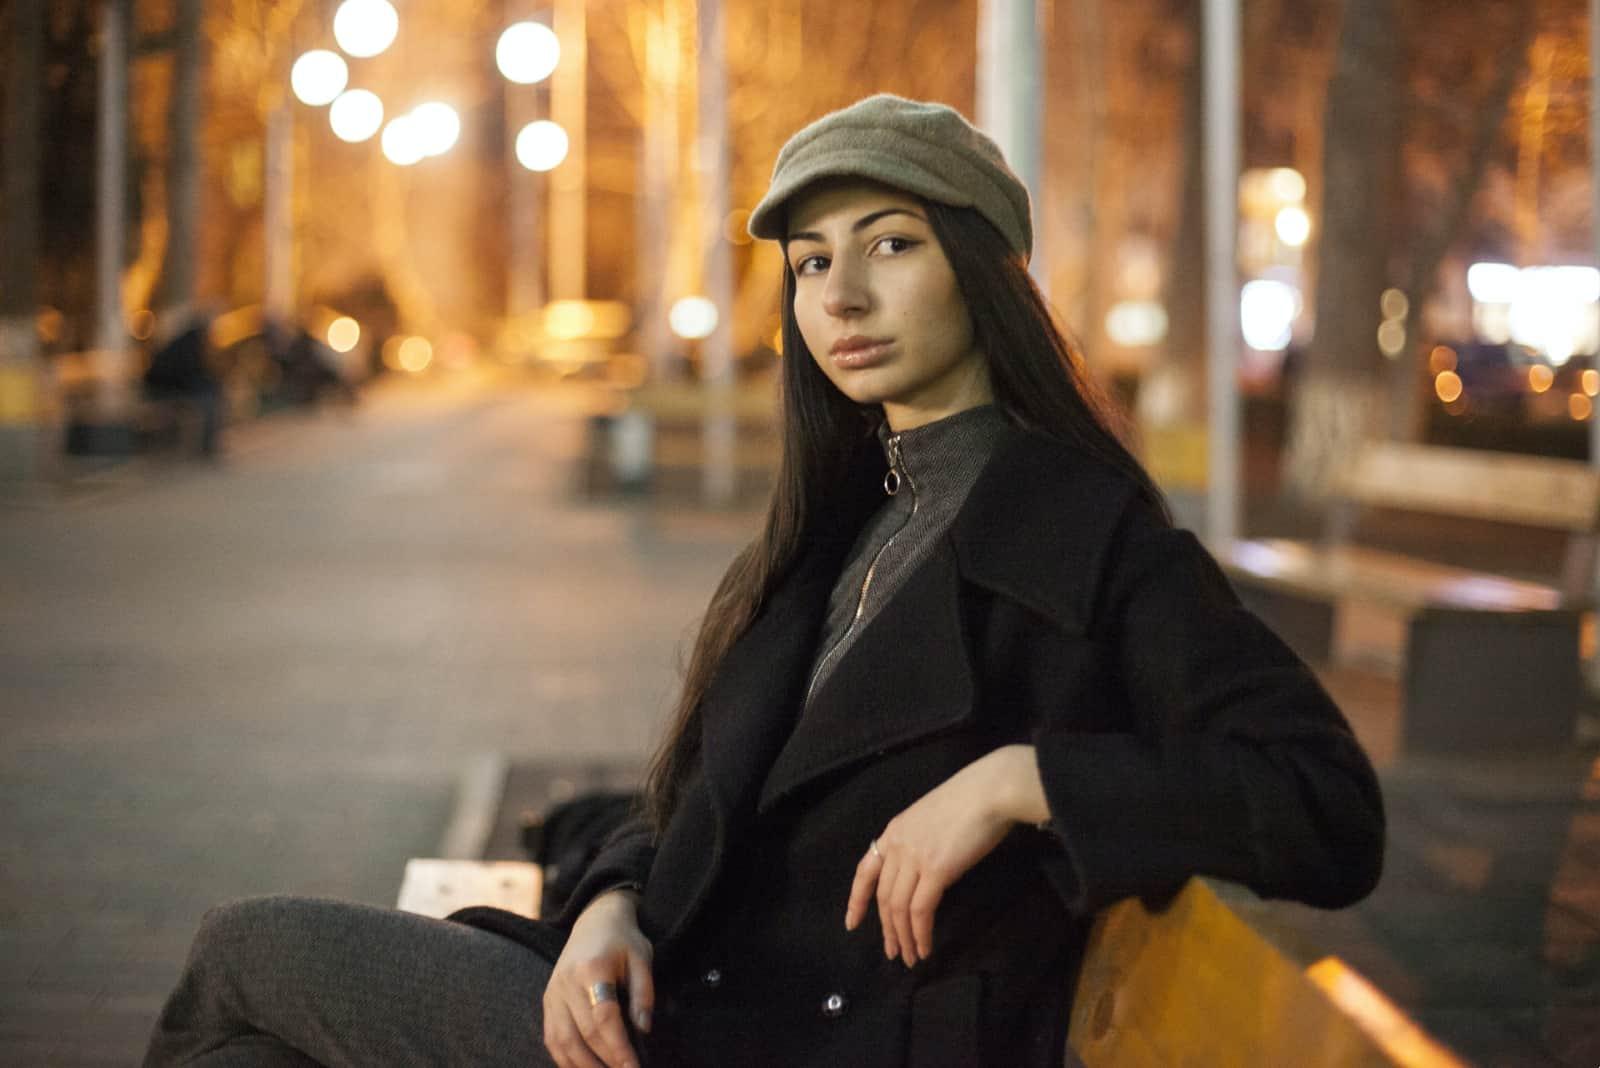 femme pensive en manteau noir assise sur un banc